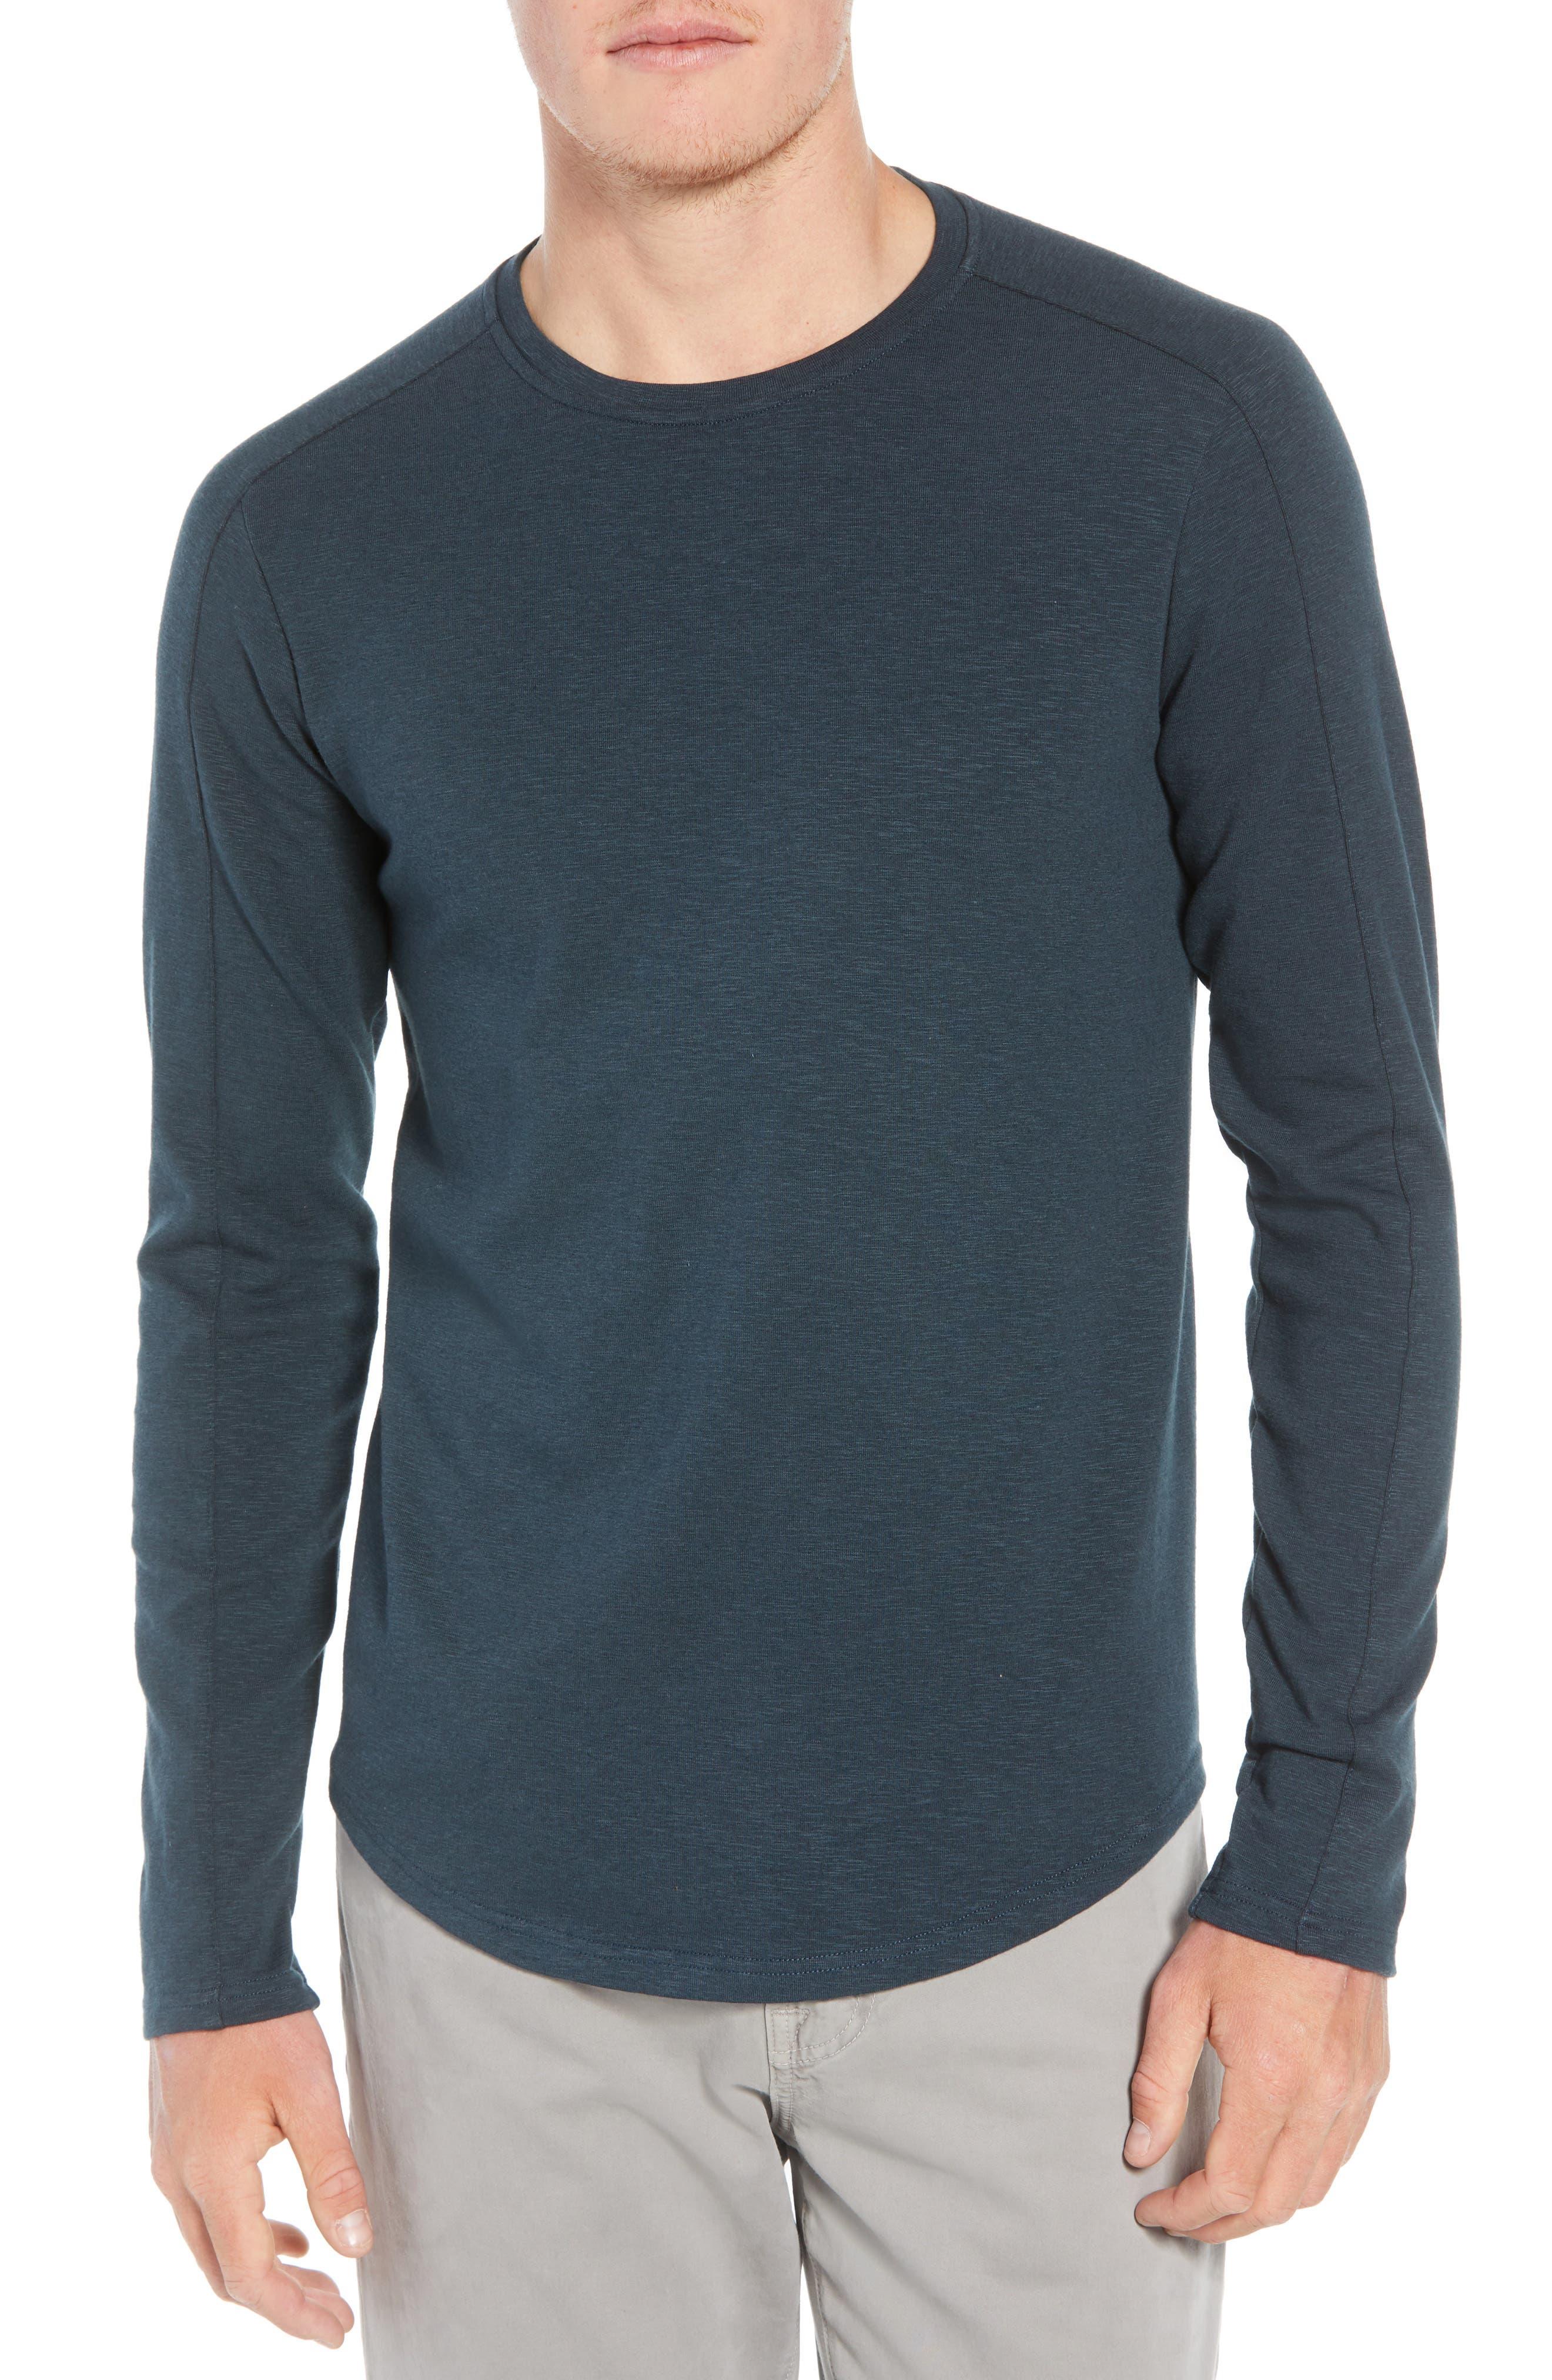 Douglas Slub Long Sleeve T-Shirt,                             Main thumbnail 1, color,                             TEAL